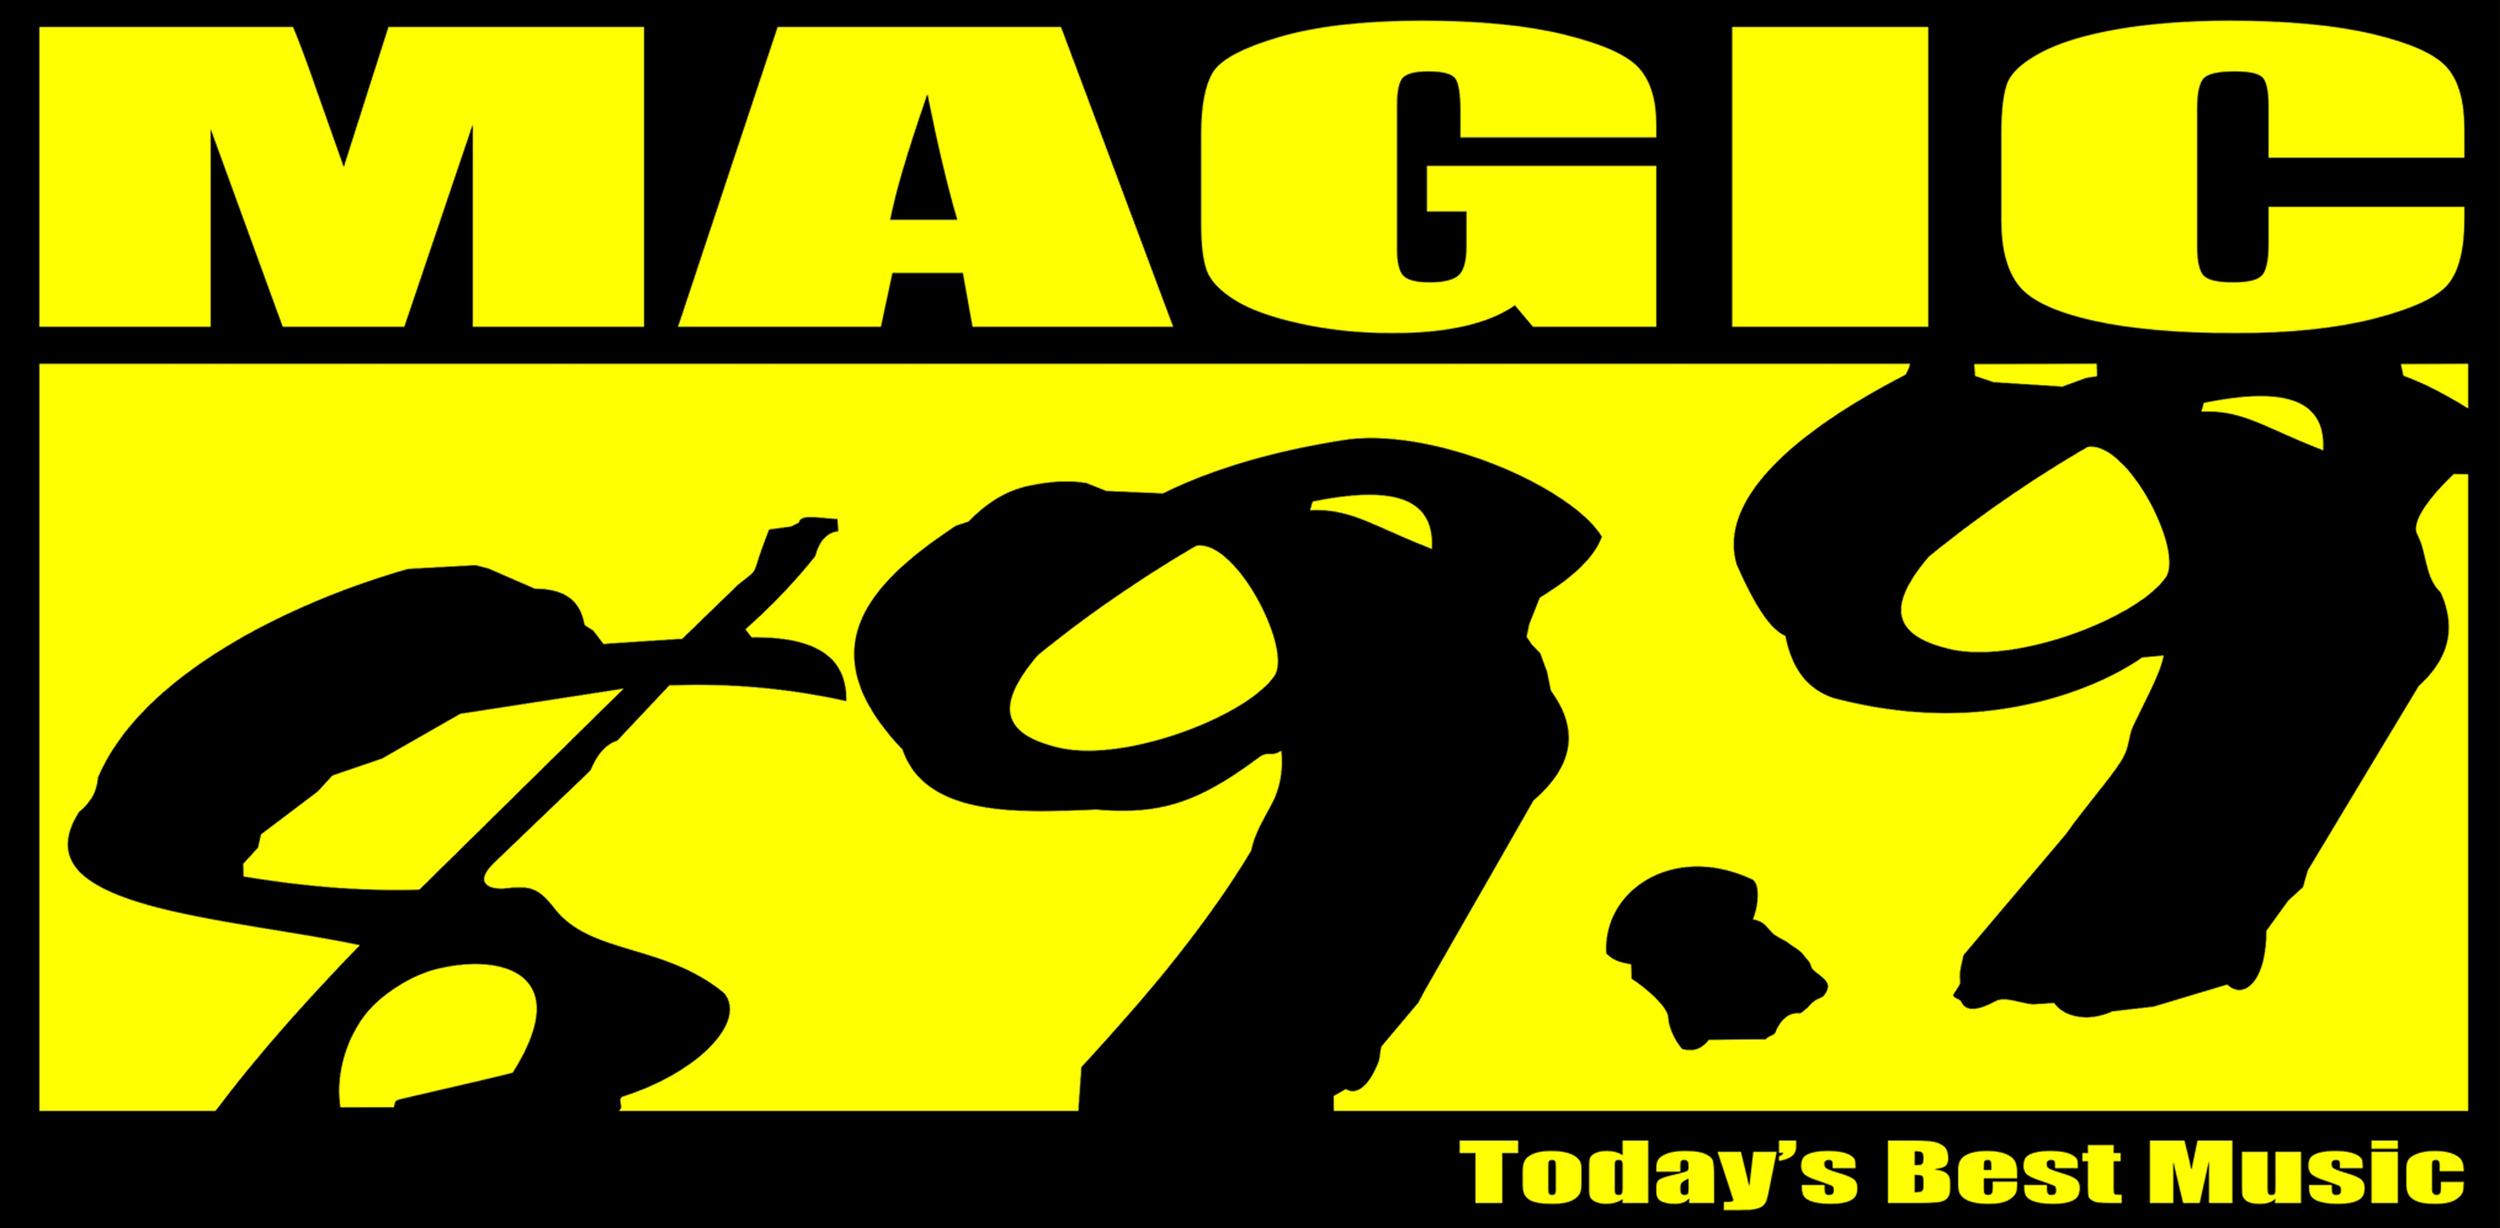 MAGIC899_LOGO.jpg